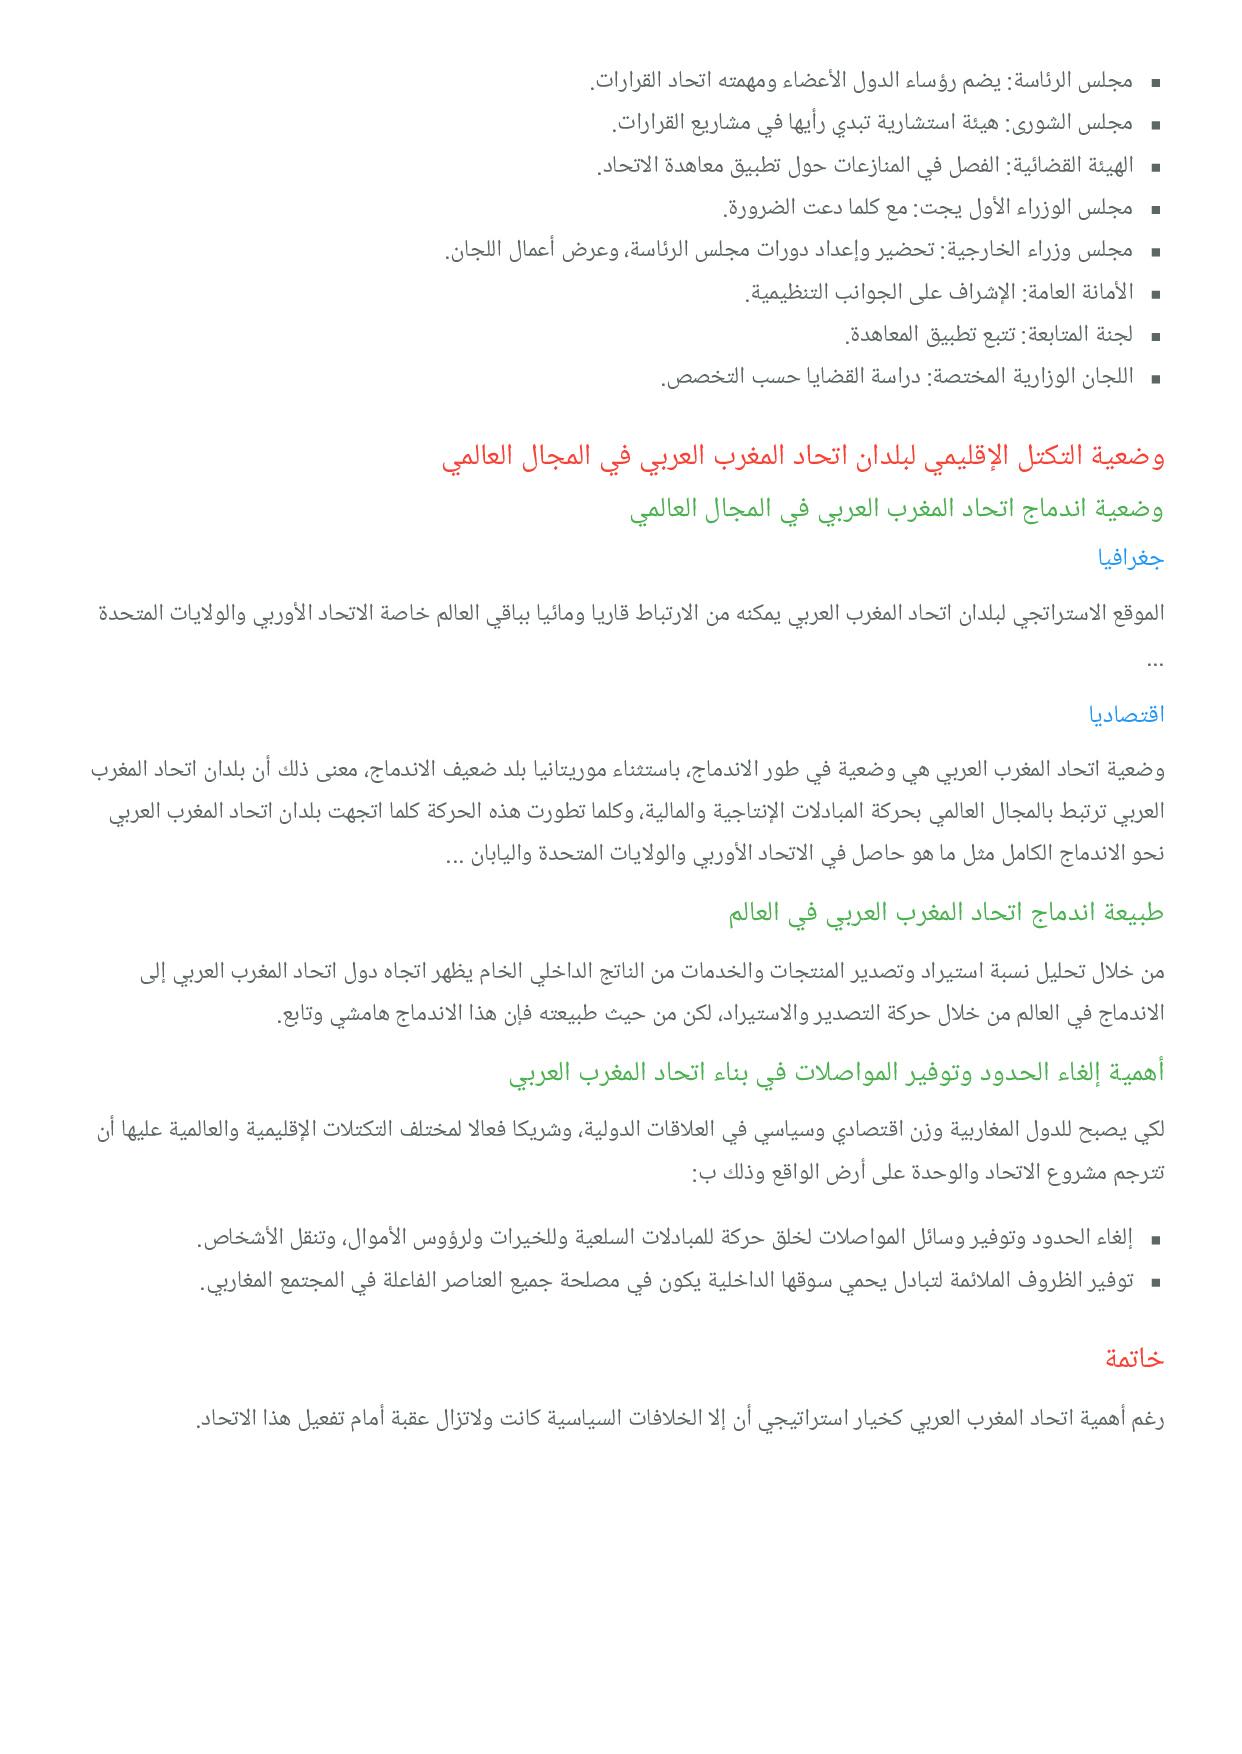 اتحاد المغرب العربي خيار استراتيجي للتكتل الإقليمي للسنة الثالثة اعدادي